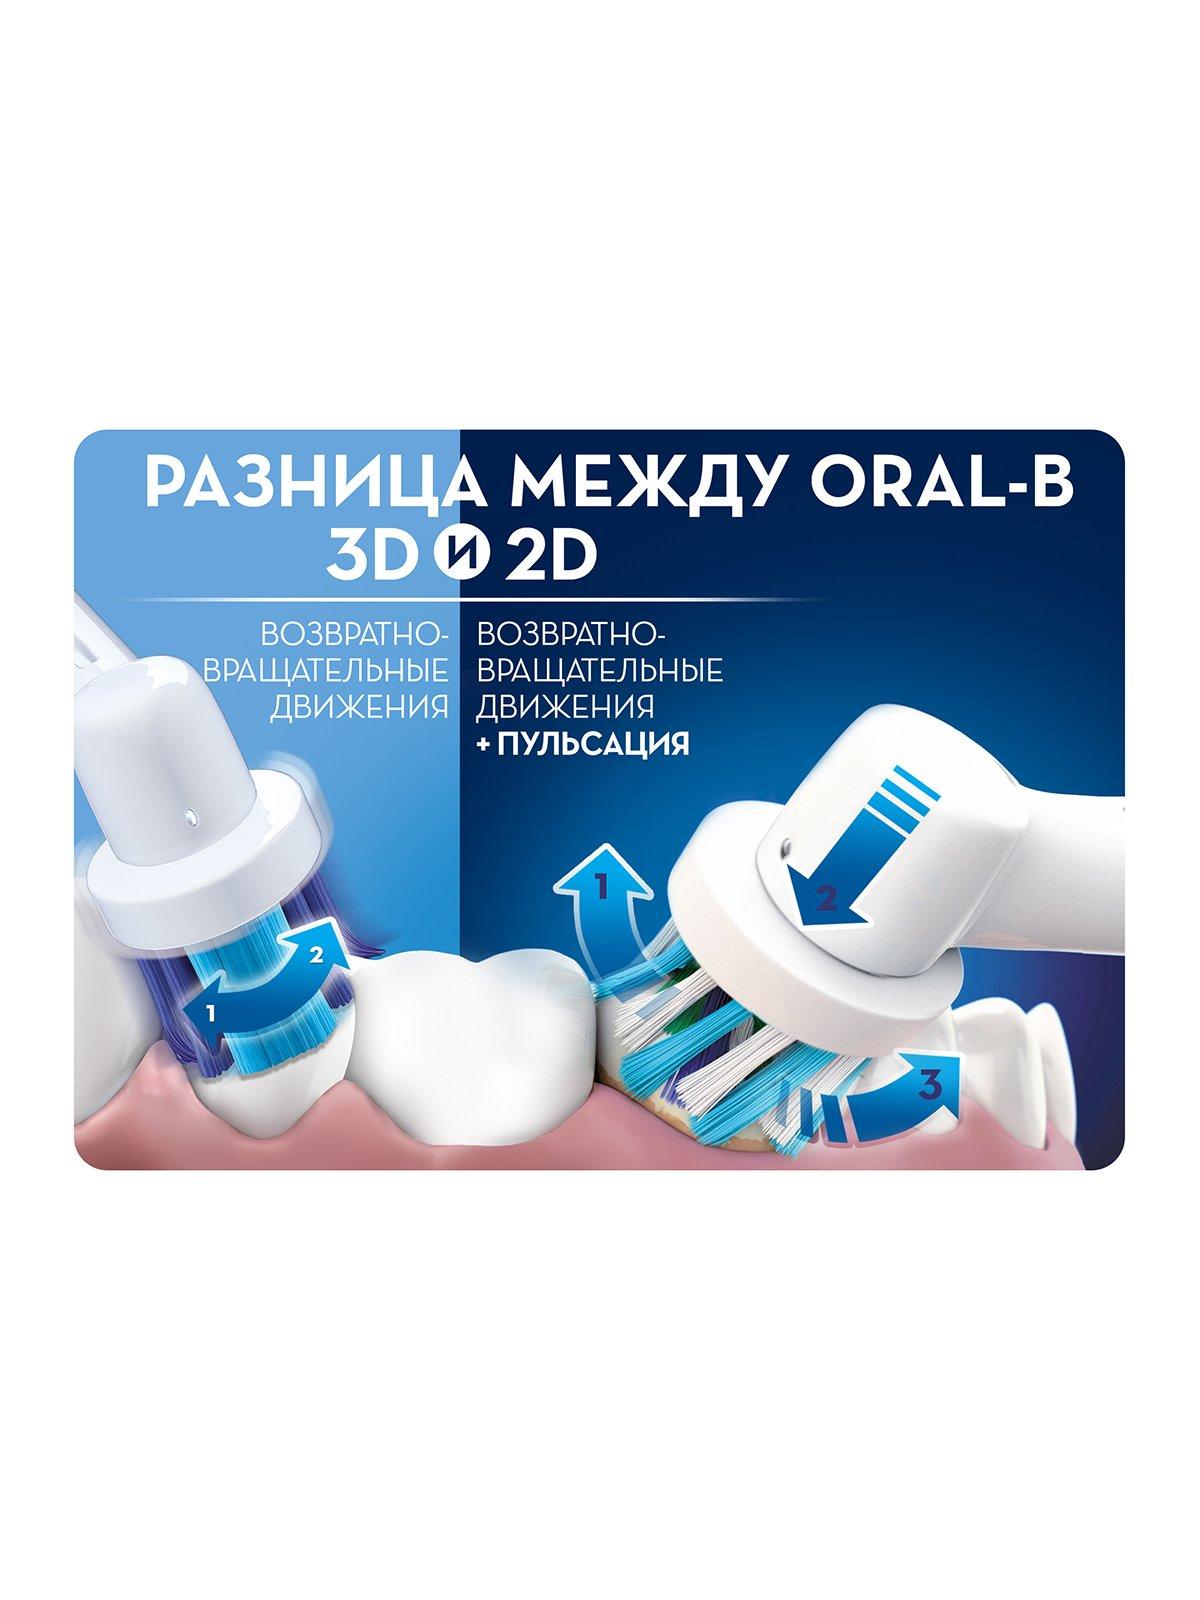 Електрична зубна щітка Vitality Sensitive — Oral-B 536fbaf7ca56e